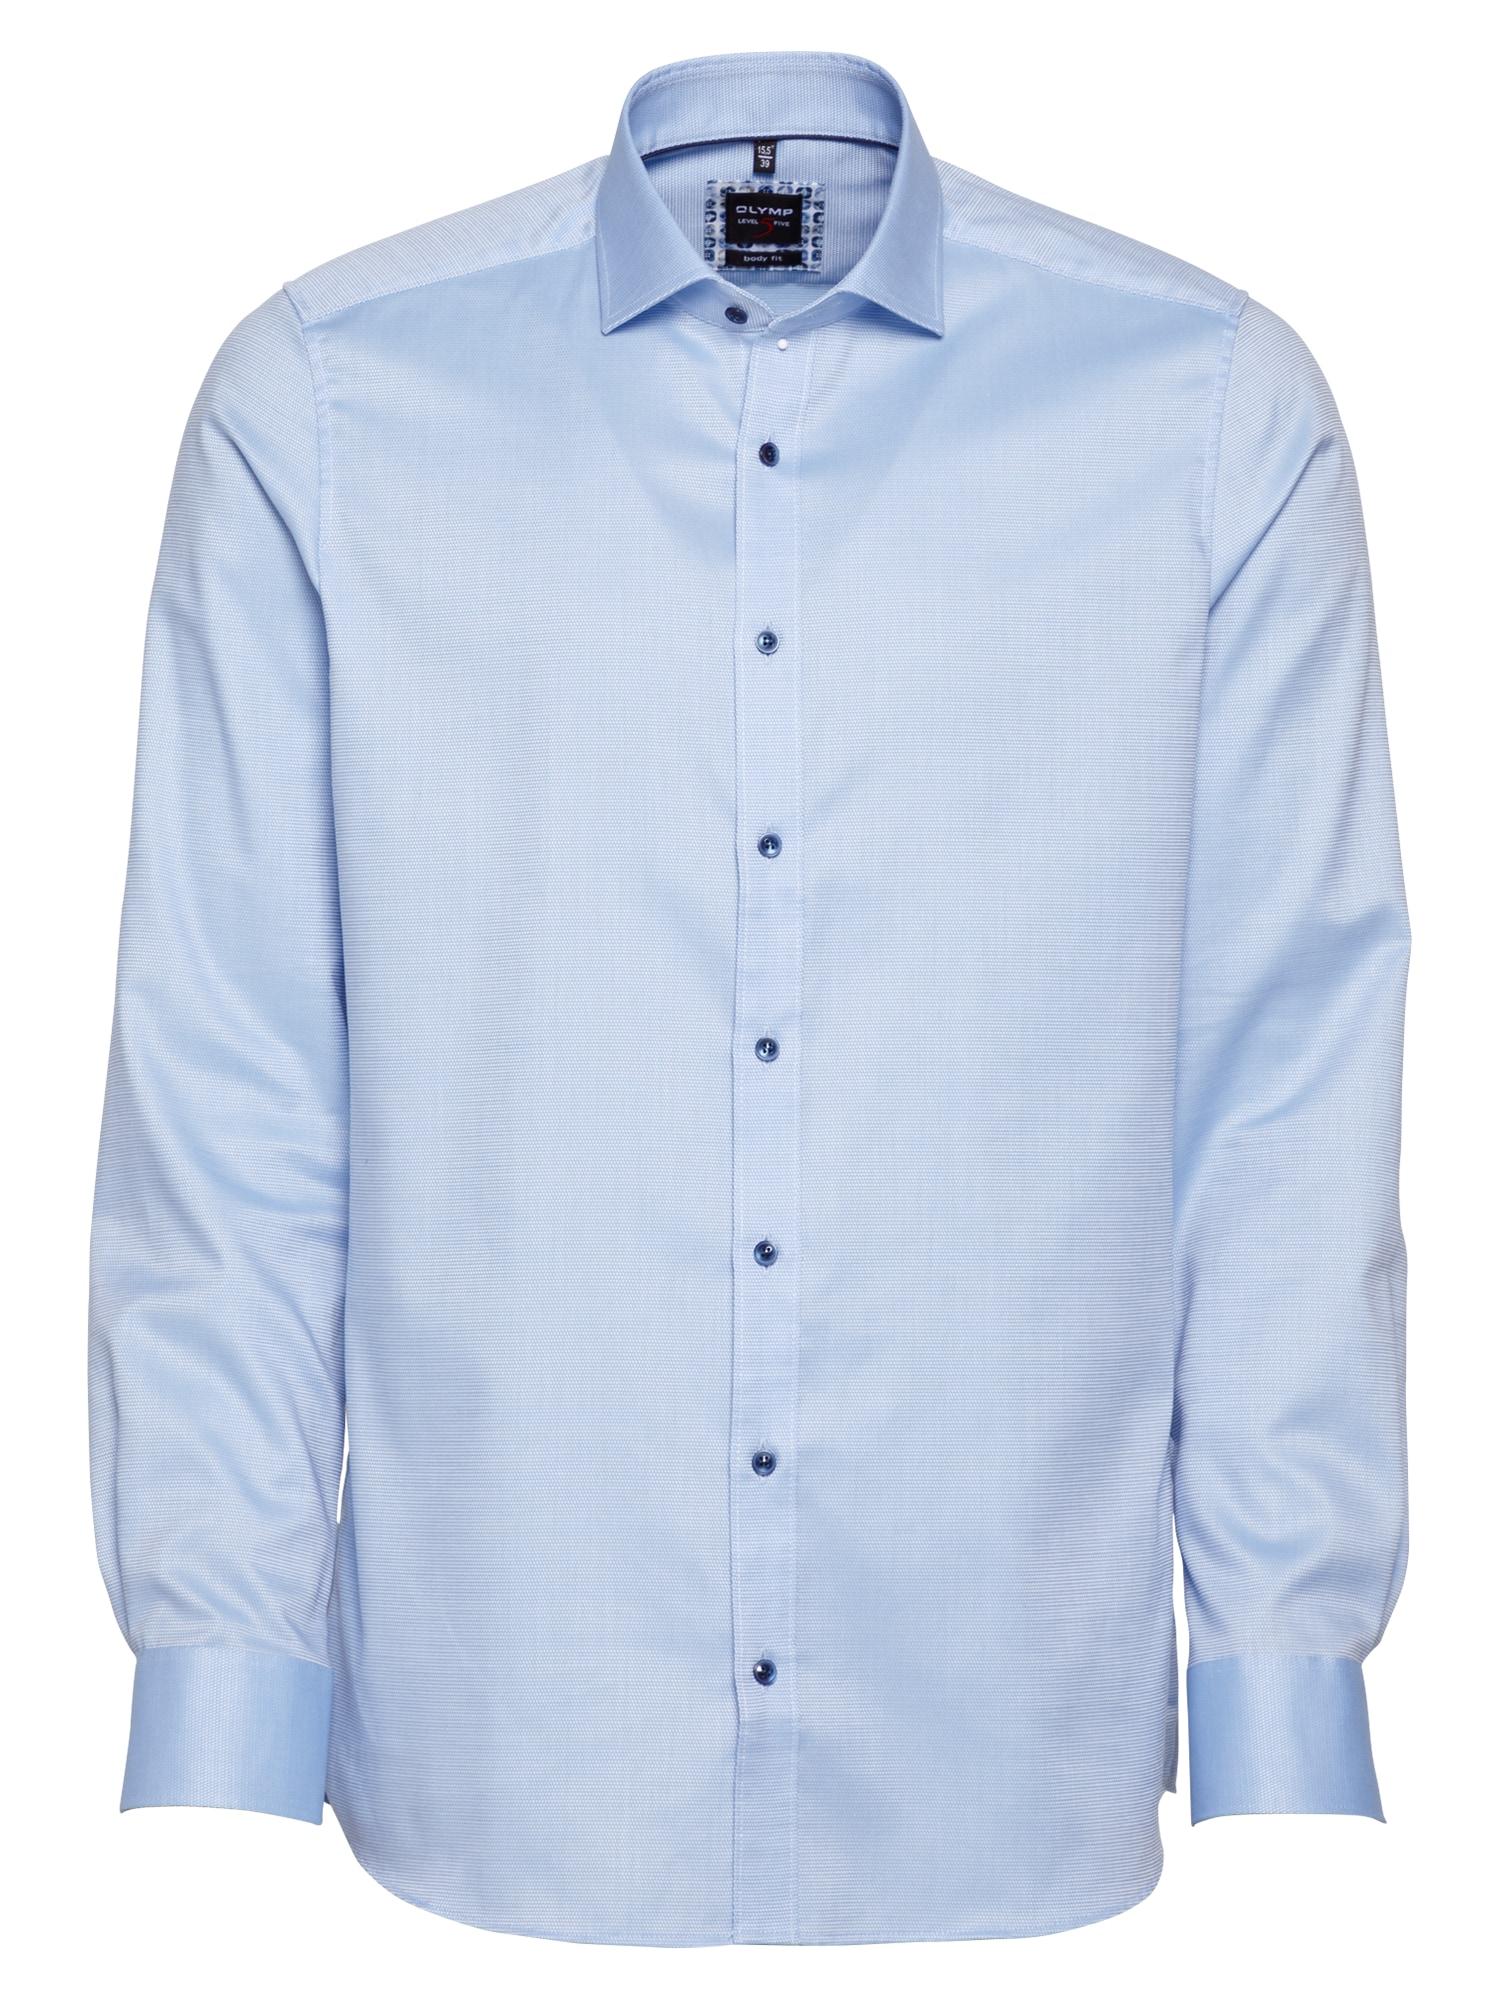 OLYMP Dalykinio stiliaus marškiniai šviesiai mėlyna